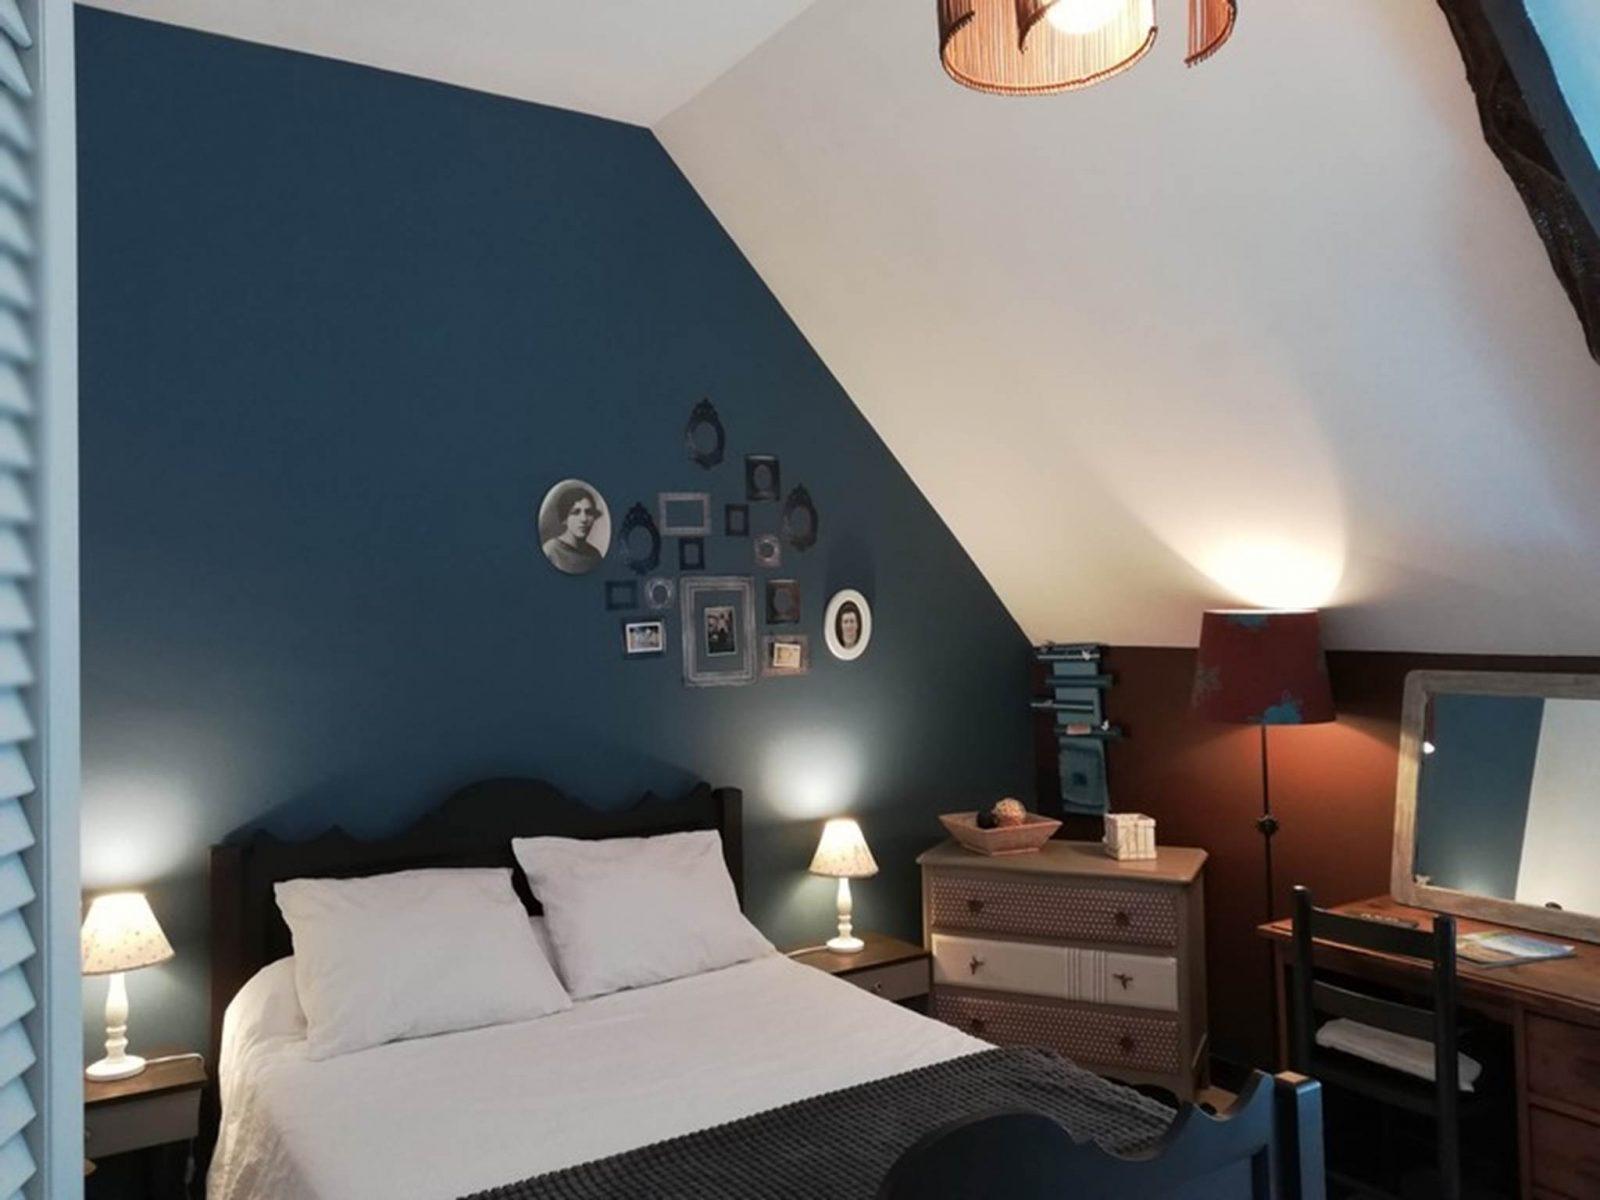 Chambres d'hôtes La Chaumière Muzillac Morbihan